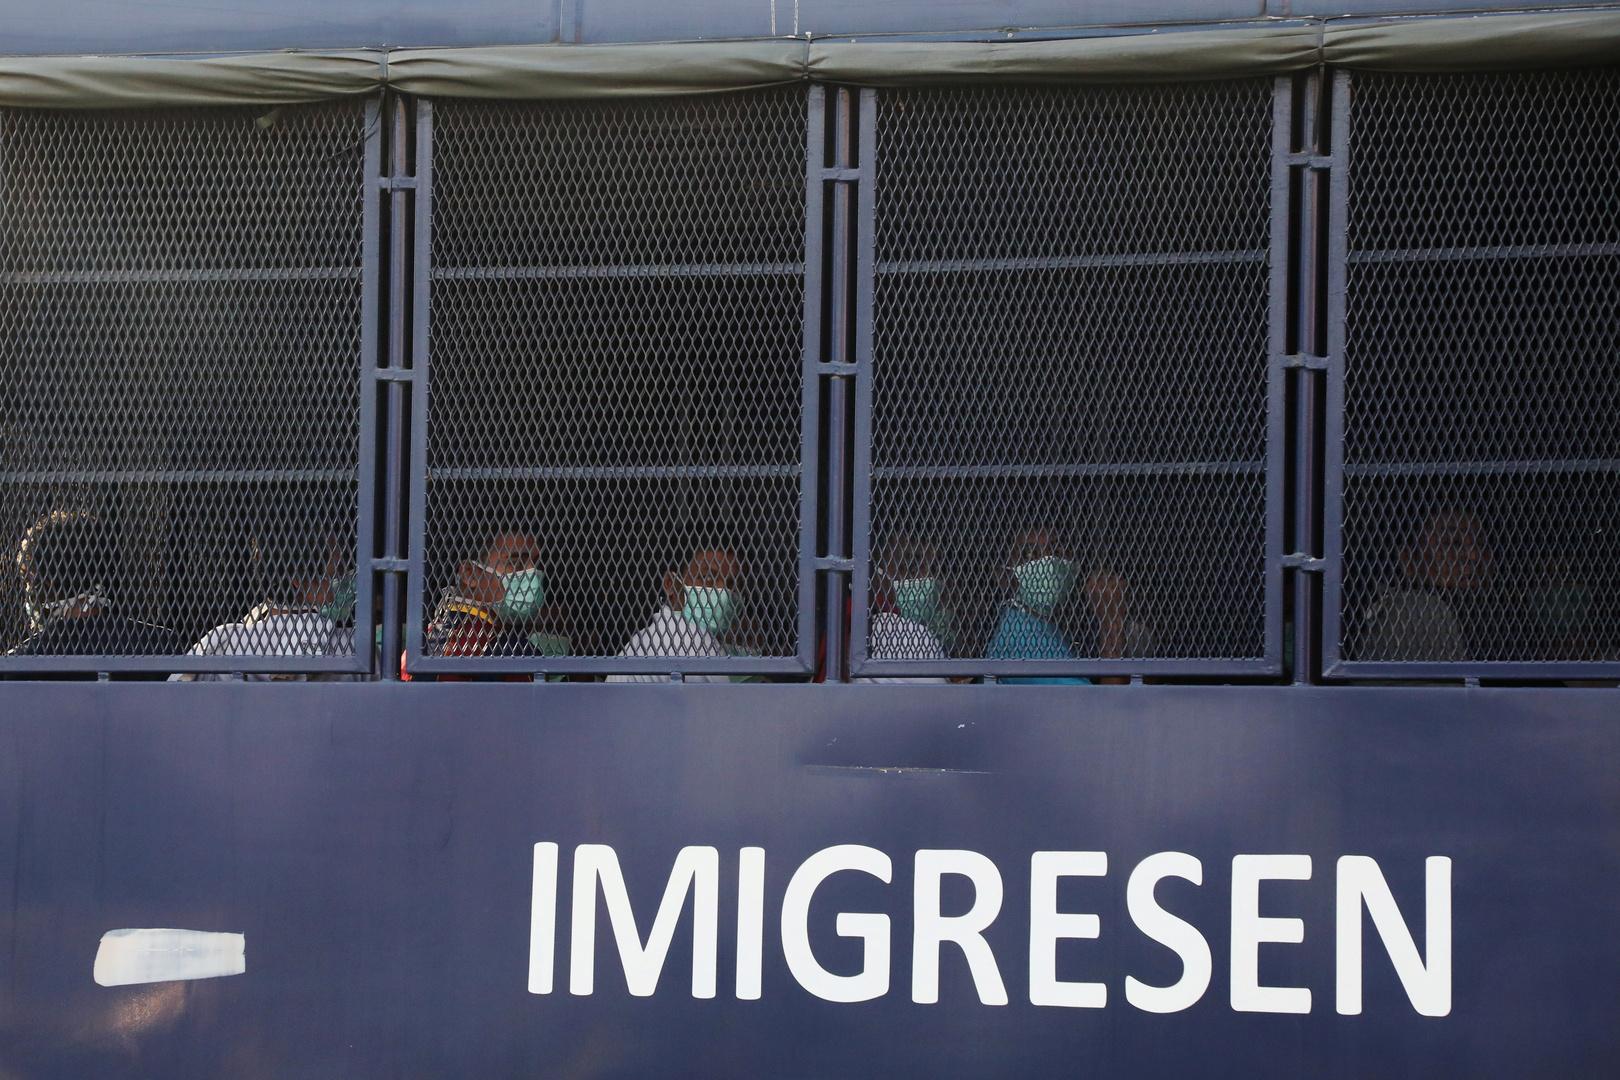 مهاجرون من ميانمار سيتم ترحيلهم من ماليزيا داخل شاحنة الهجرة في لوموت